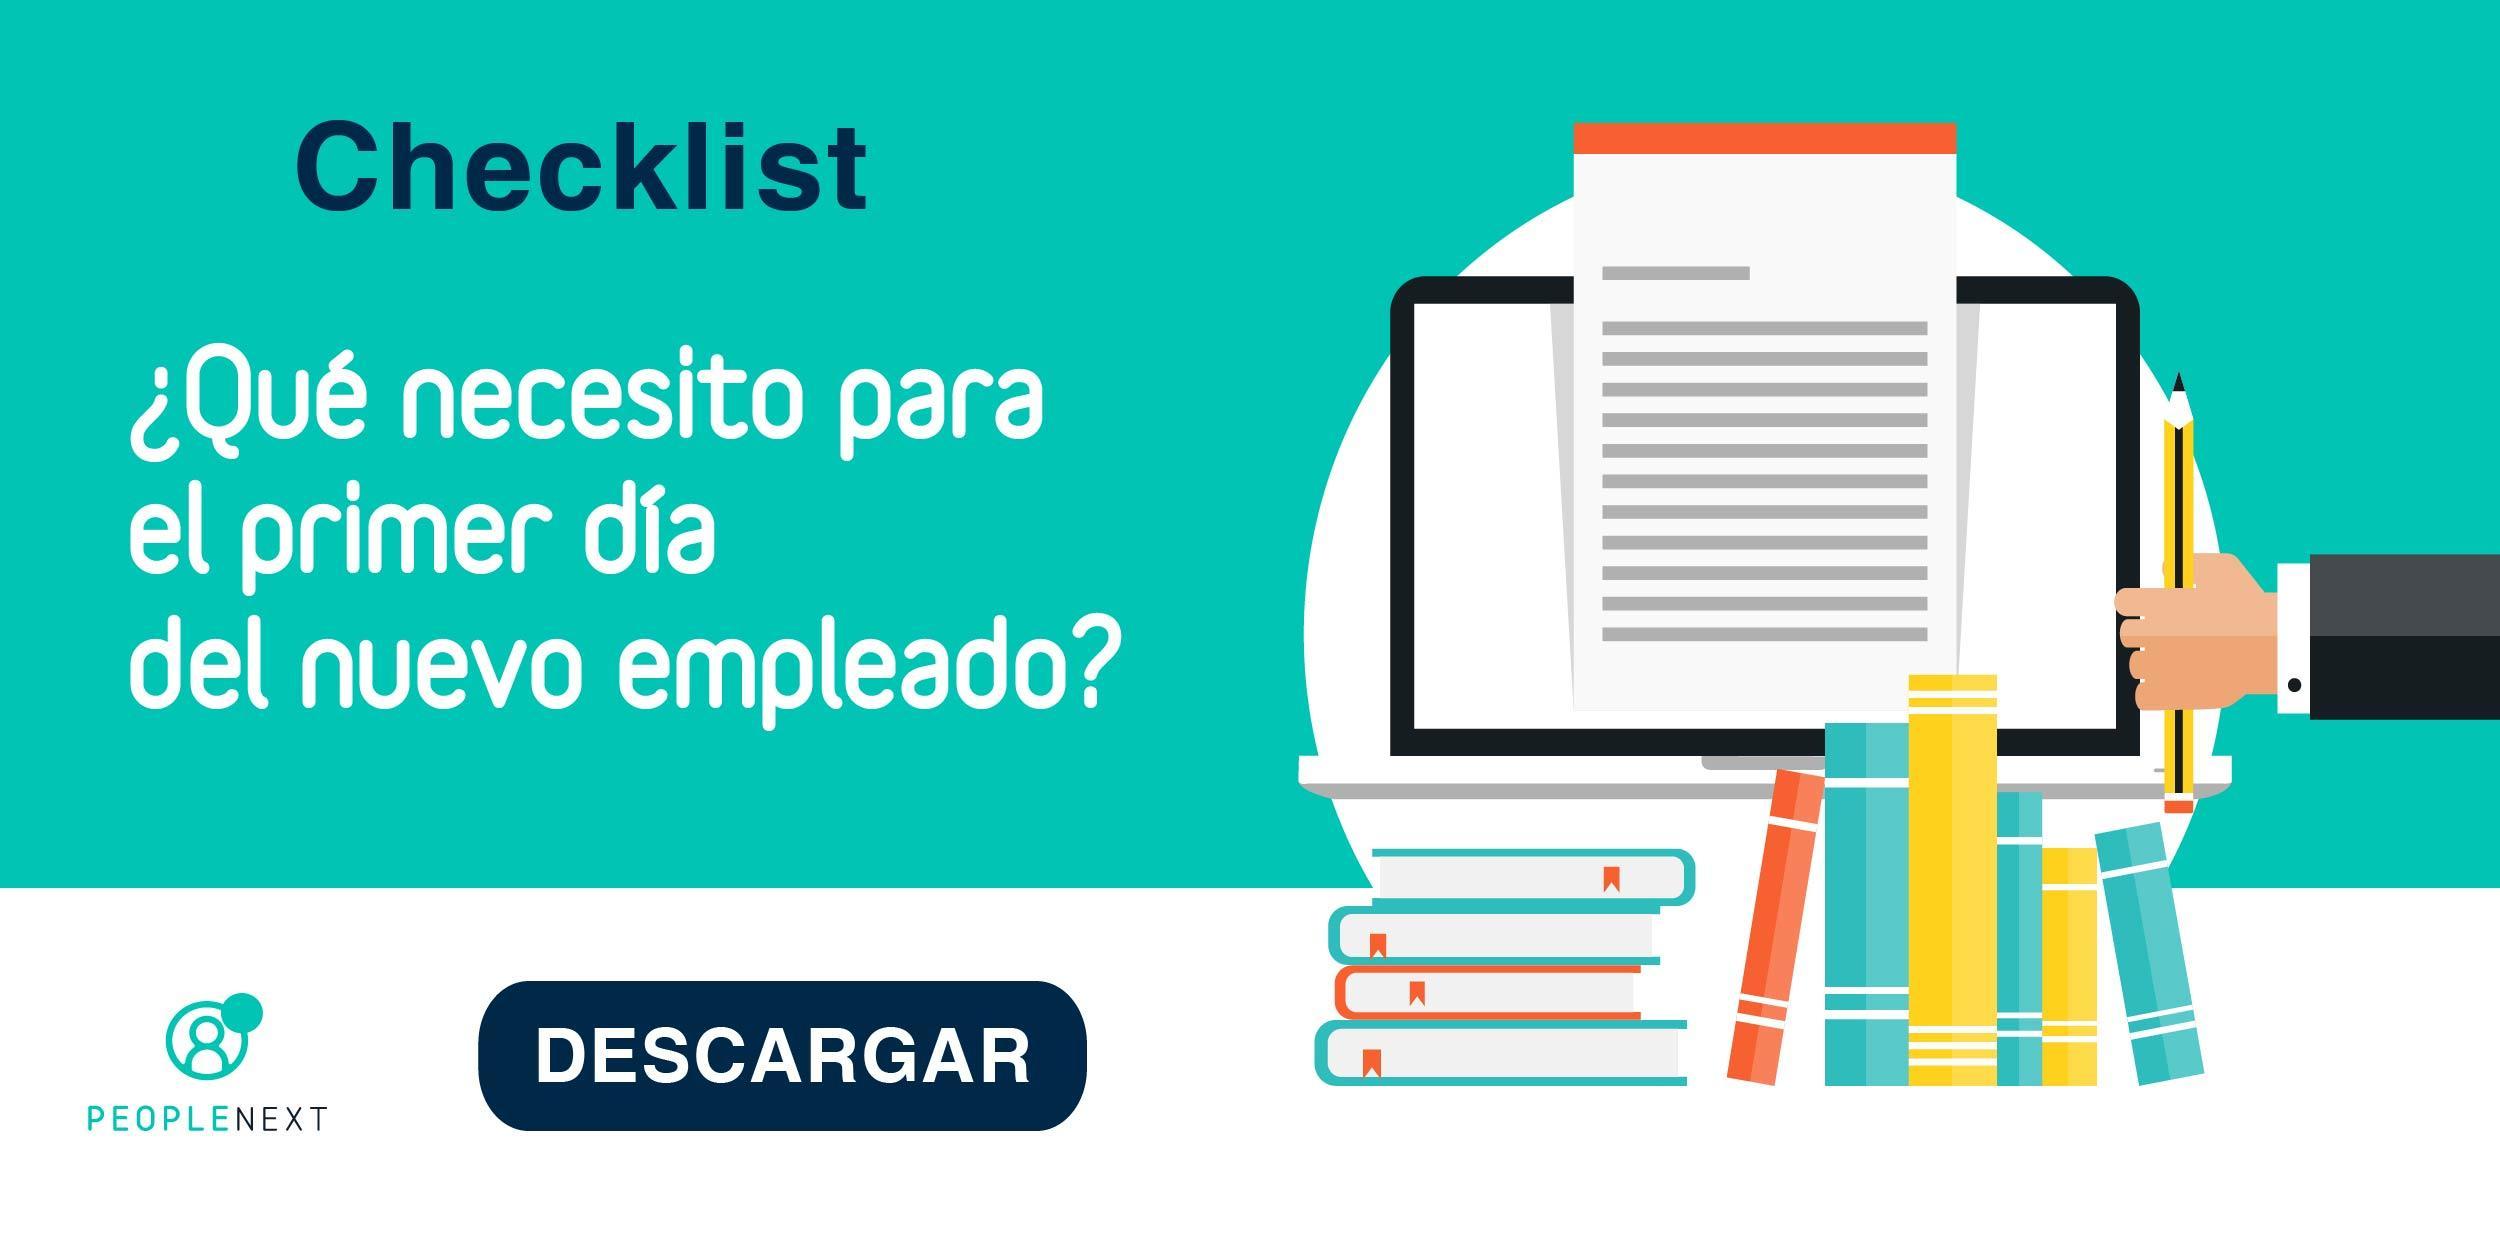 checklist-que-necesito-para-el-primer-dia-del-nuevo-empleado